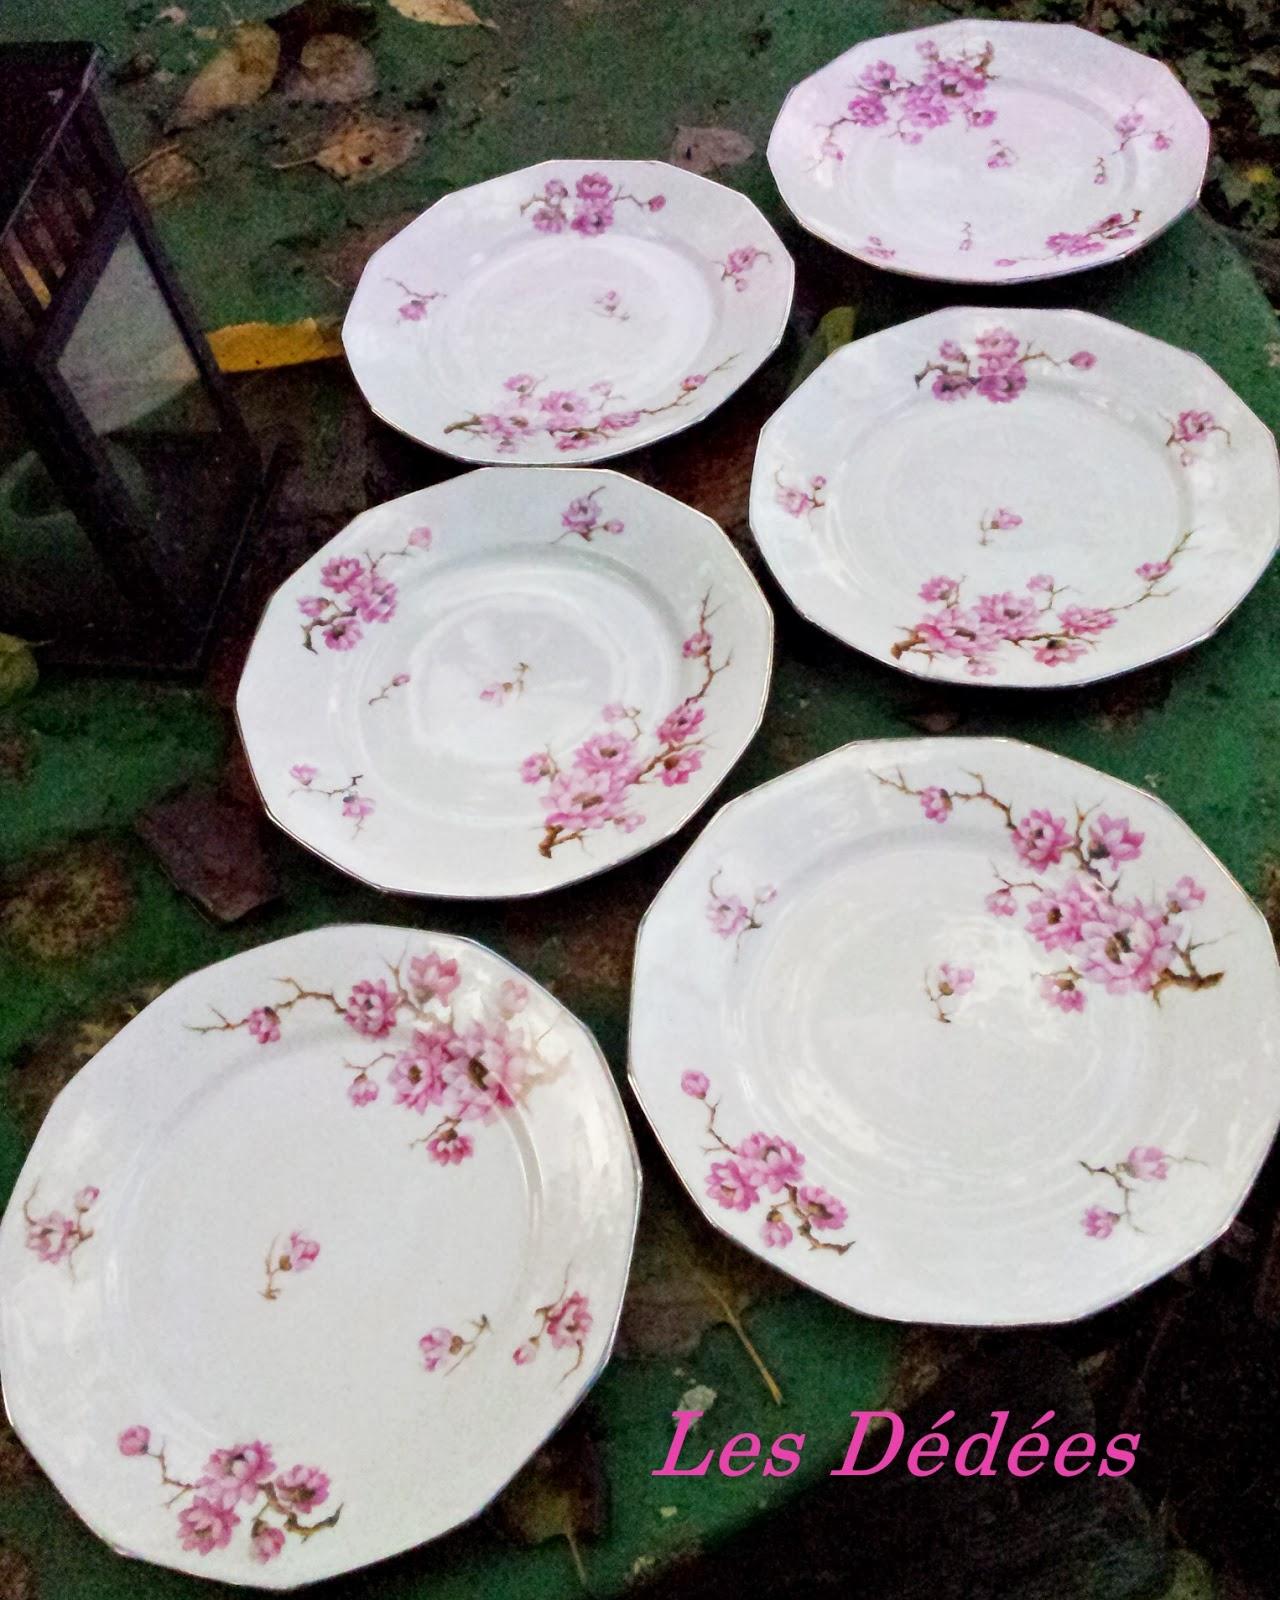 les dedees vintage recup creations anciennes assiettes fleurs de cerisier by anne. Black Bedroom Furniture Sets. Home Design Ideas